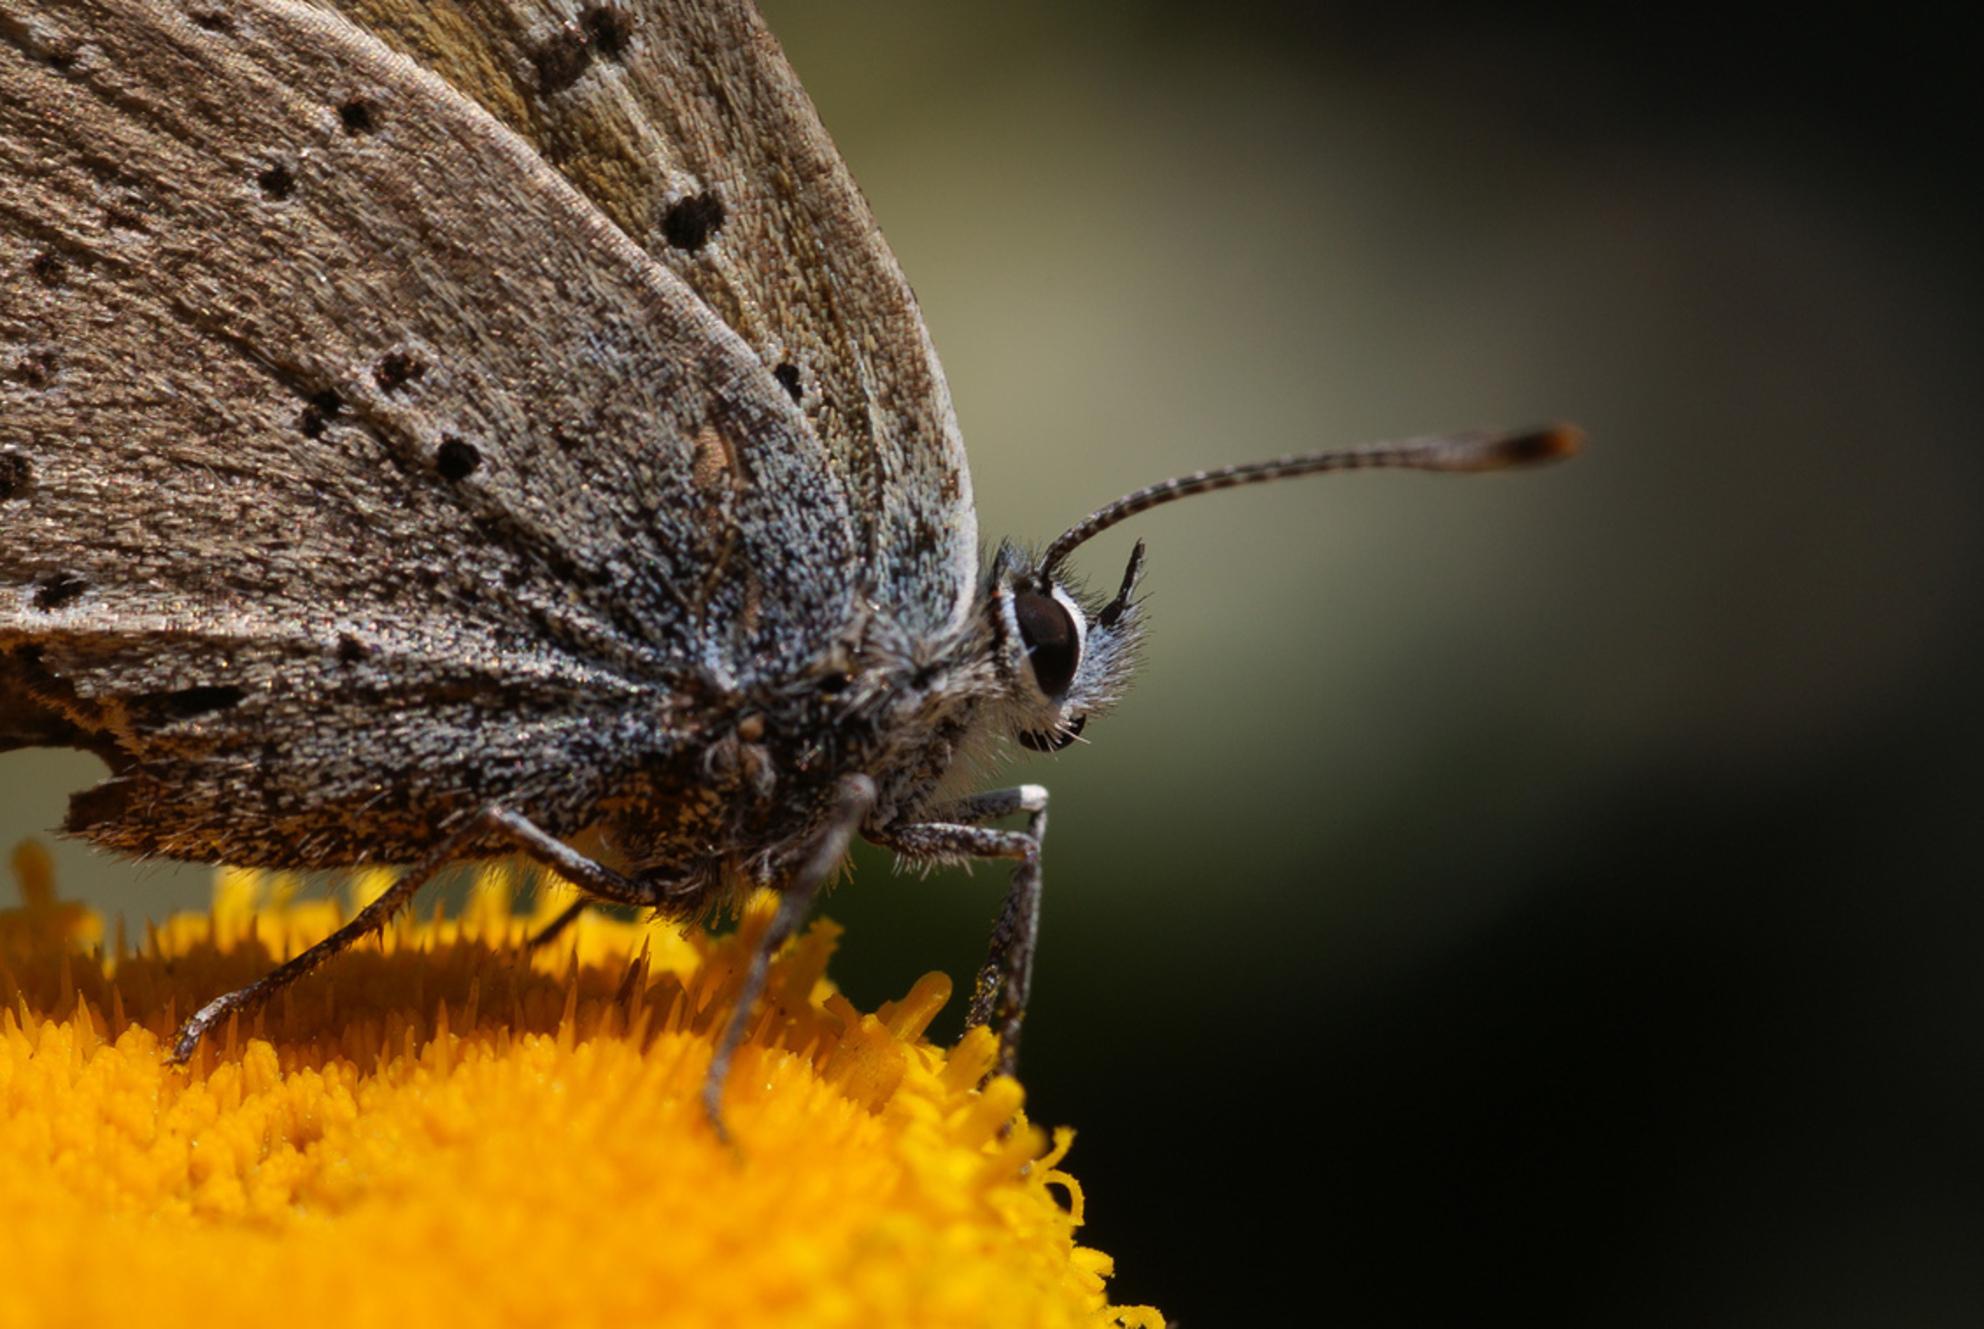 vlinder - vlinder in een botanische tuin vastgelegd... - foto door hansvdbeukel op 24-01-2012 - deze foto bevat: vlinder - Deze foto mag gebruikt worden in een Zoom.nl publicatie